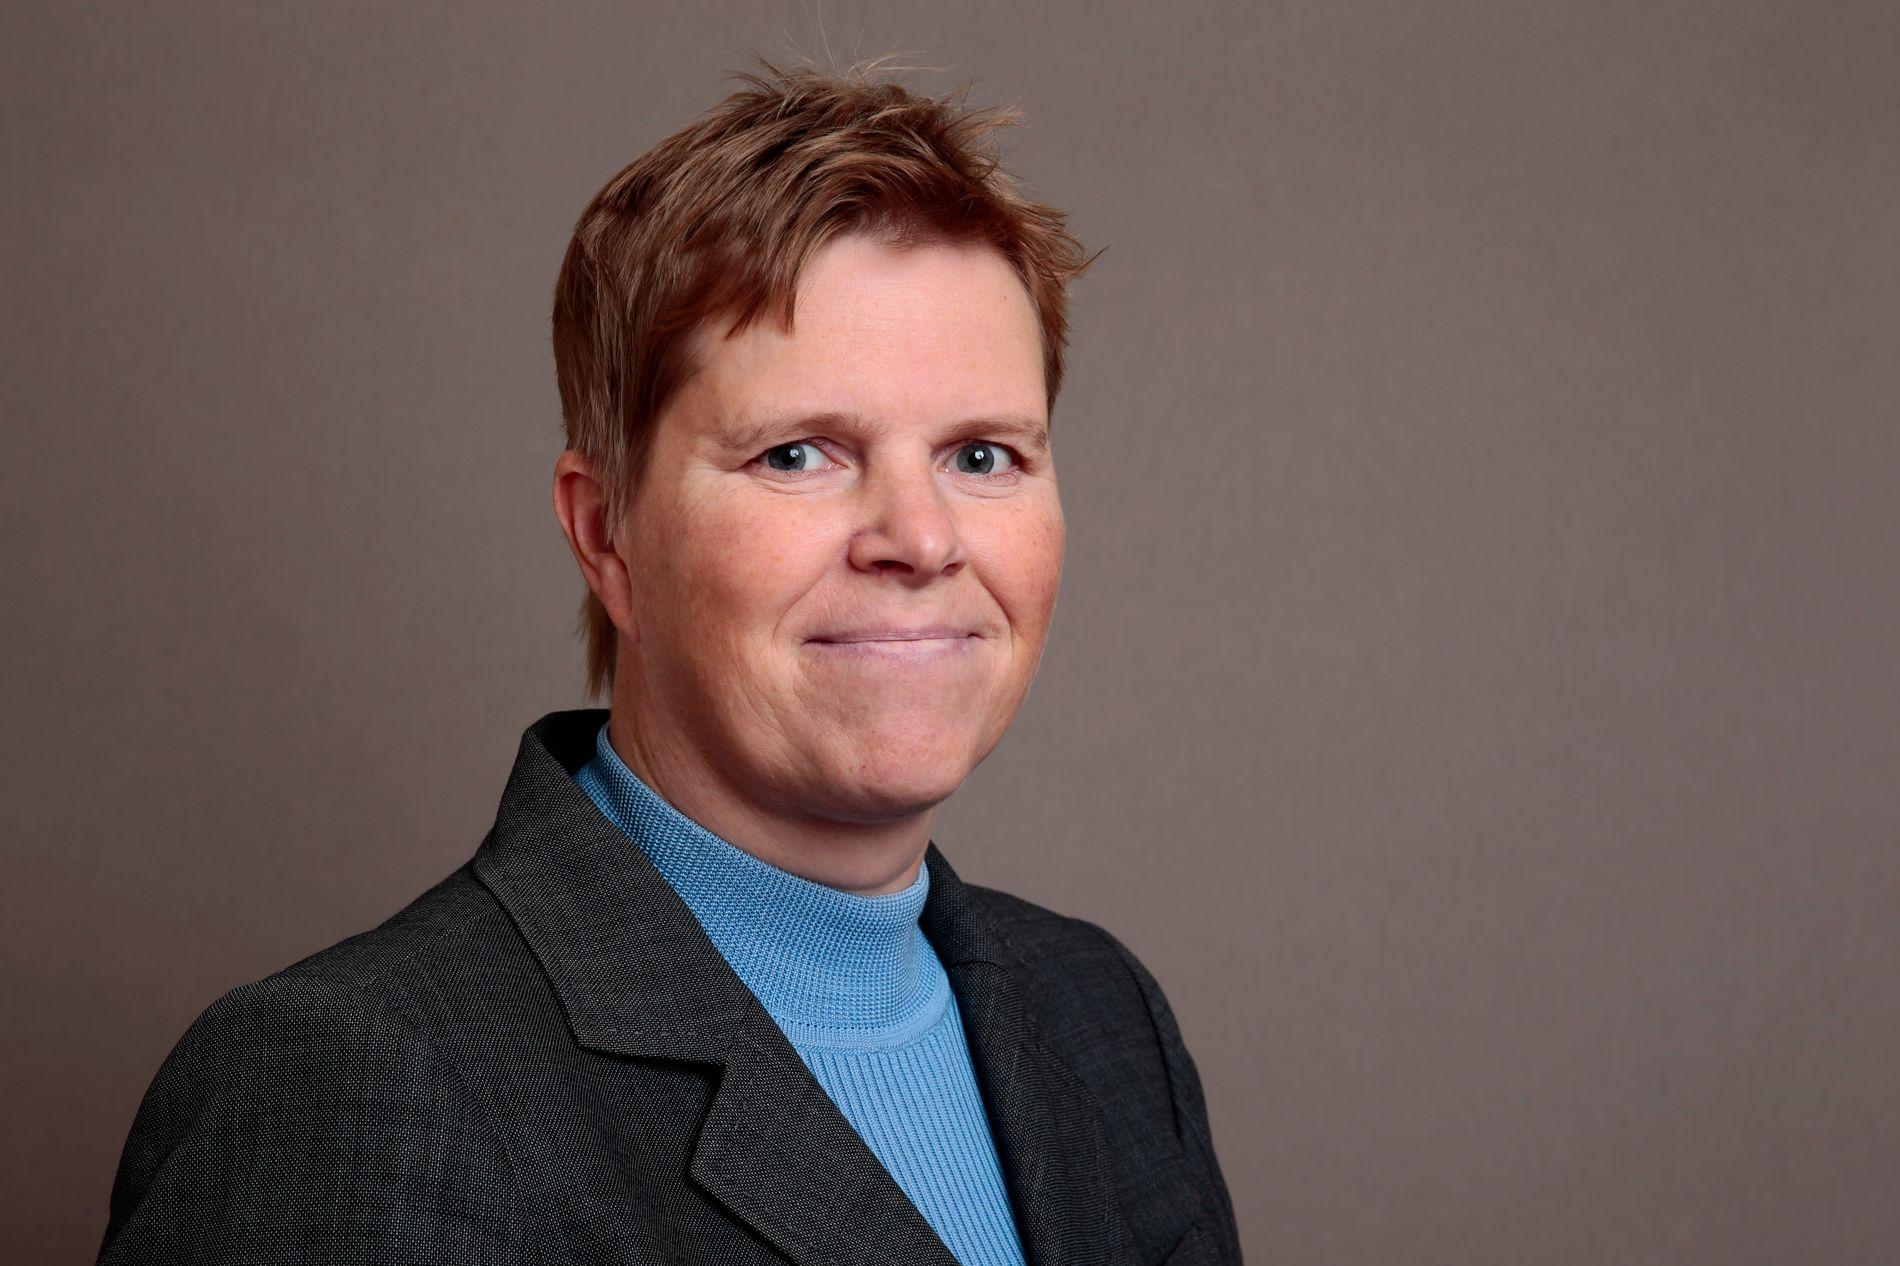 KONSEKVENSER: Høyrs ordførerkandidat i Trondheim, Ingrid Skjøtskift, mener Ottervik burde vurdere sin egen fremtid etter denne saken.